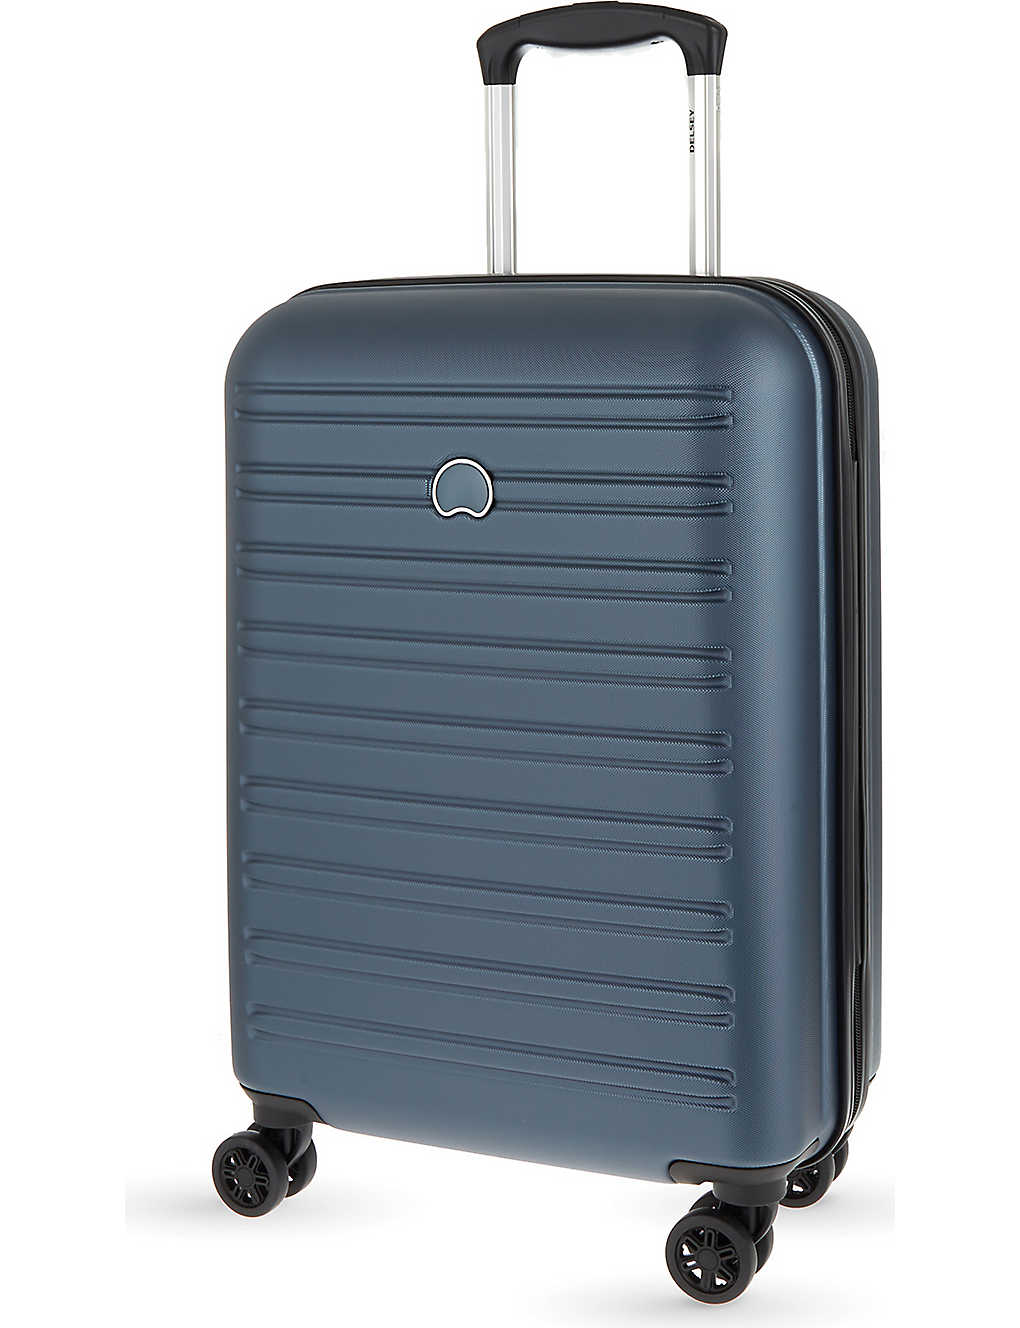 a5a8139c87b DELSEY - Segur four-wheel suitcase 55cm | Selfridges.com